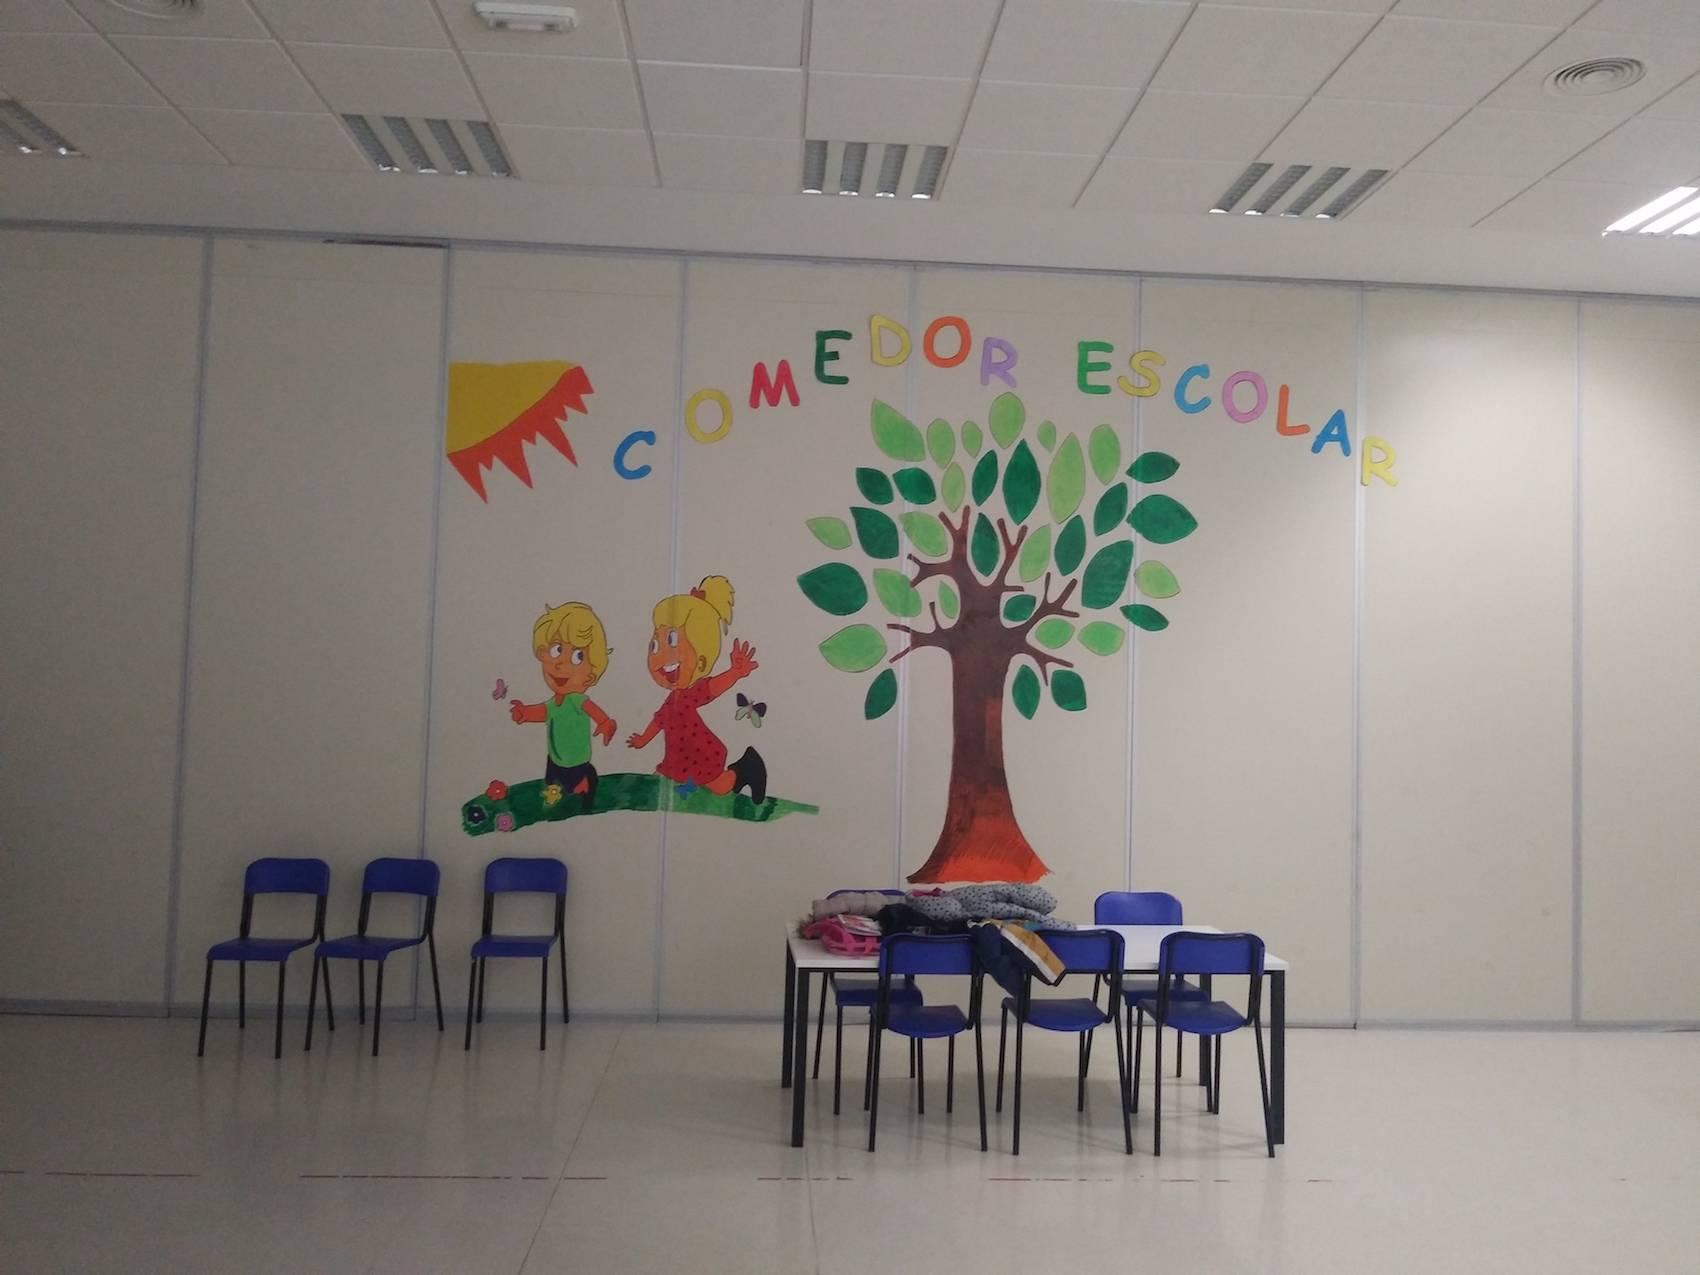 comedor escolar herencia 2 - El comedor escolar abre en Navidad para conciliar trabajo y bienestar